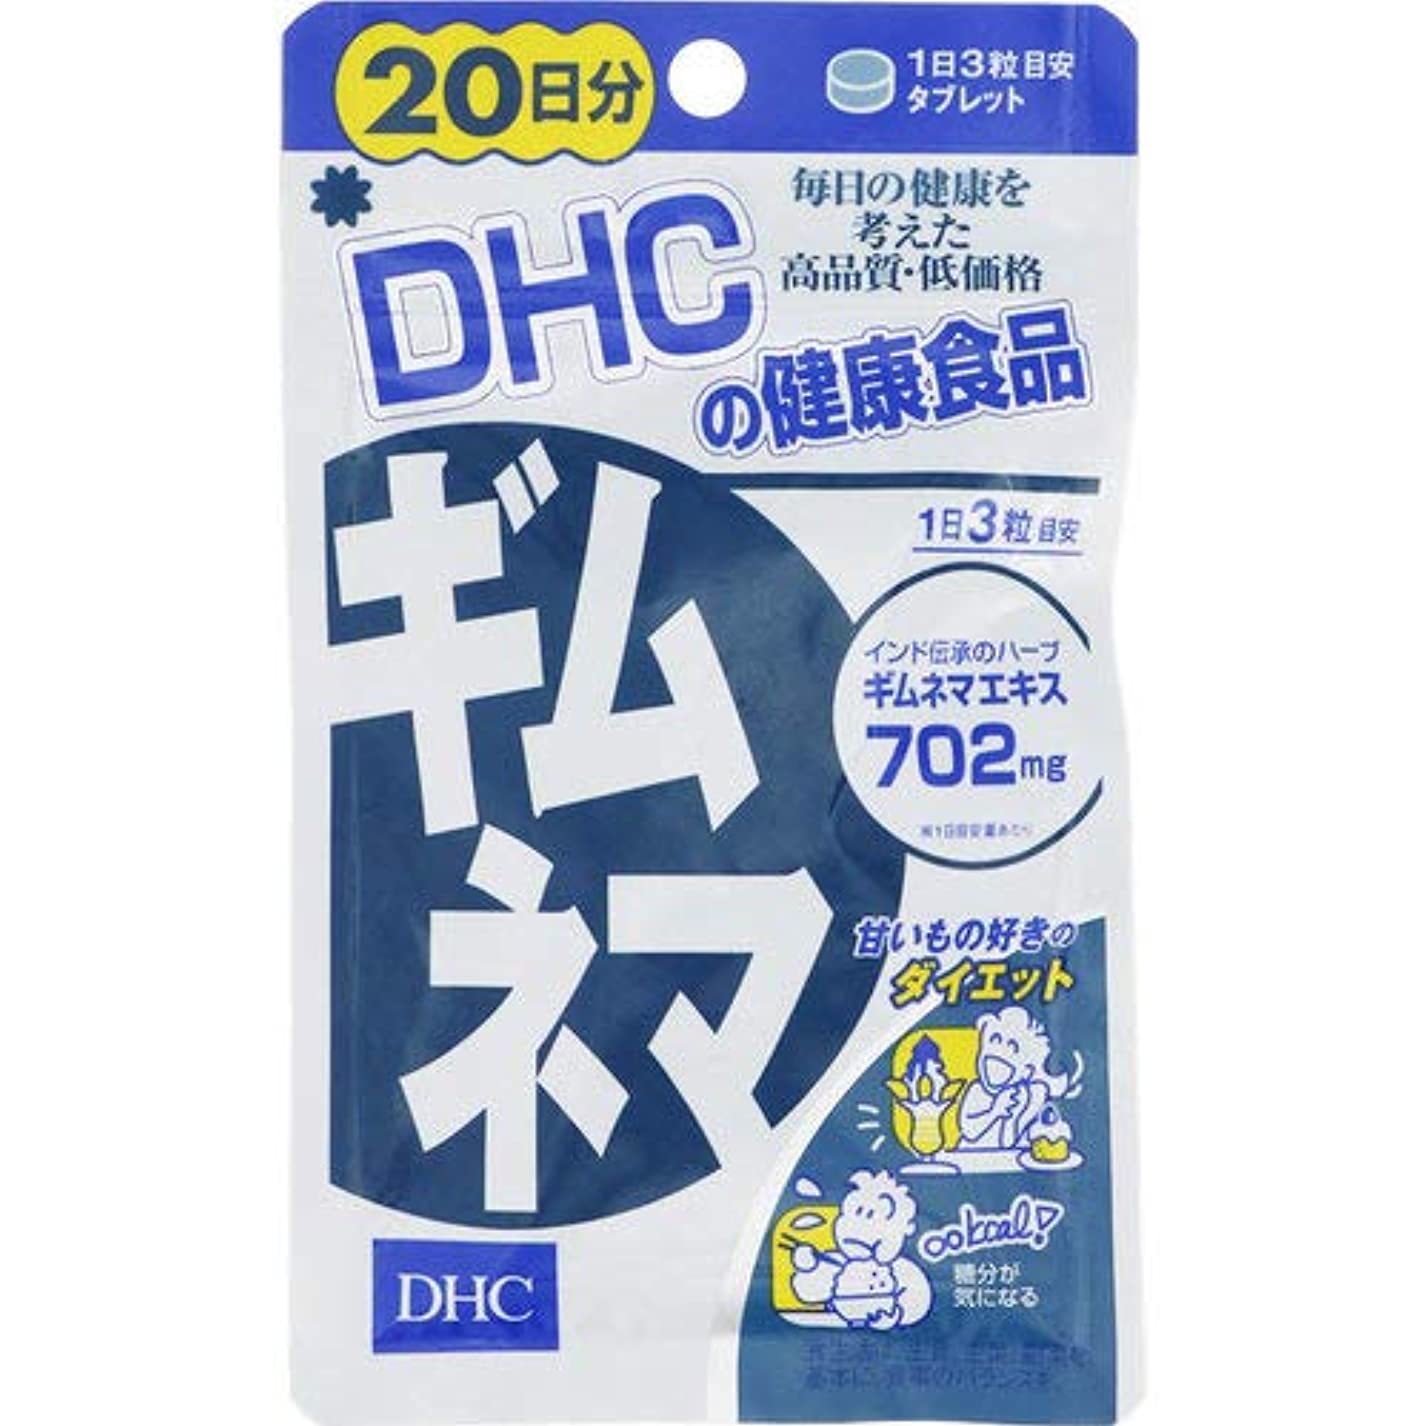 母傀儡静かに【DHC】ギムネマ 20日分 (60粒)